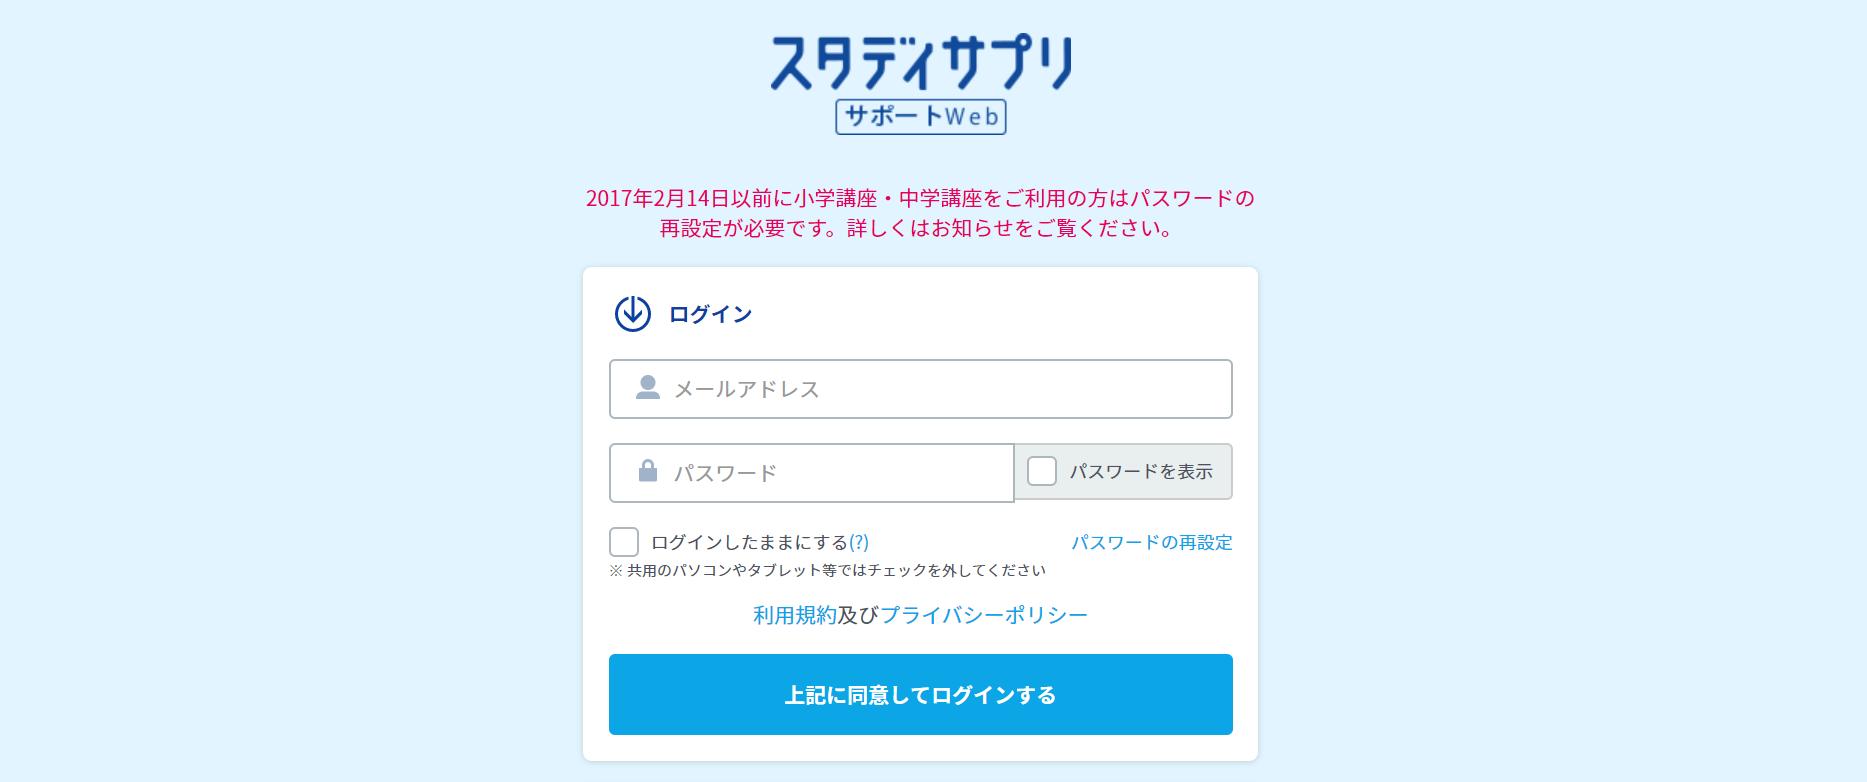 サポートWebのページ